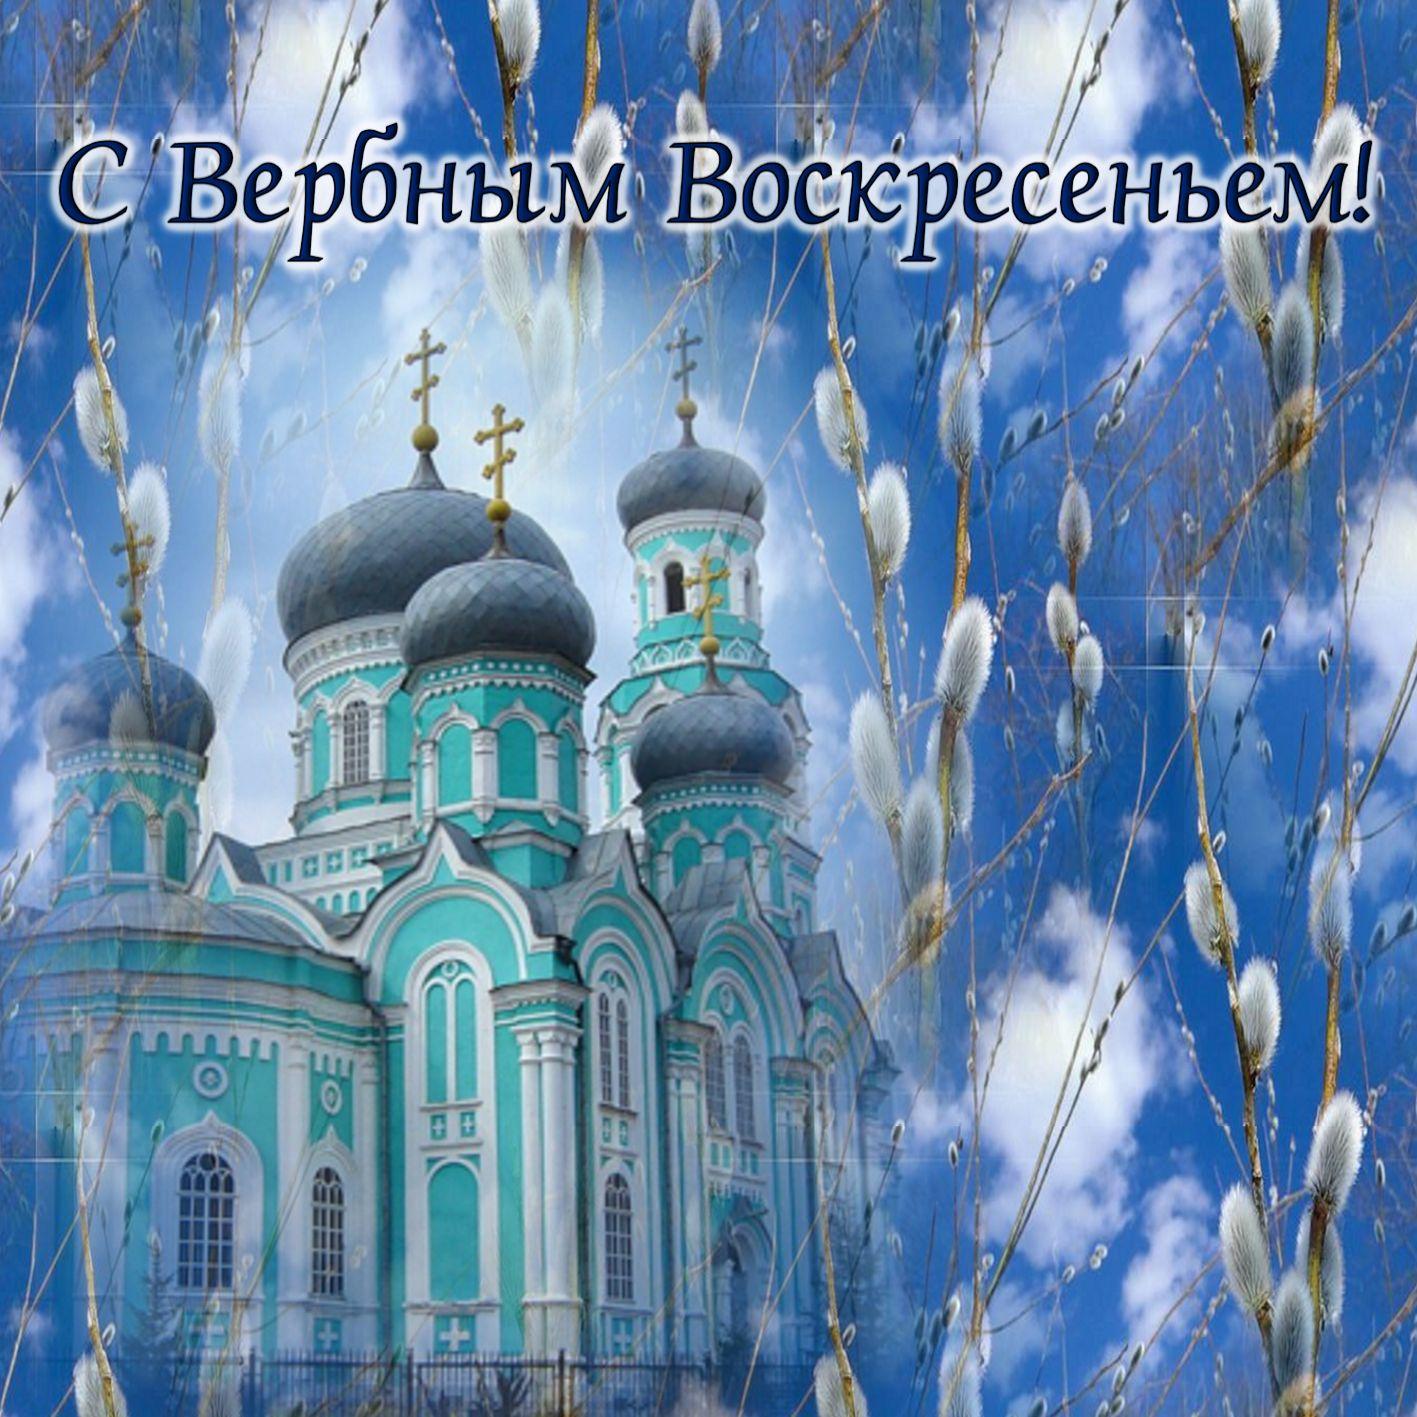 Верба на фоне церкви к Вербному Воскресенью